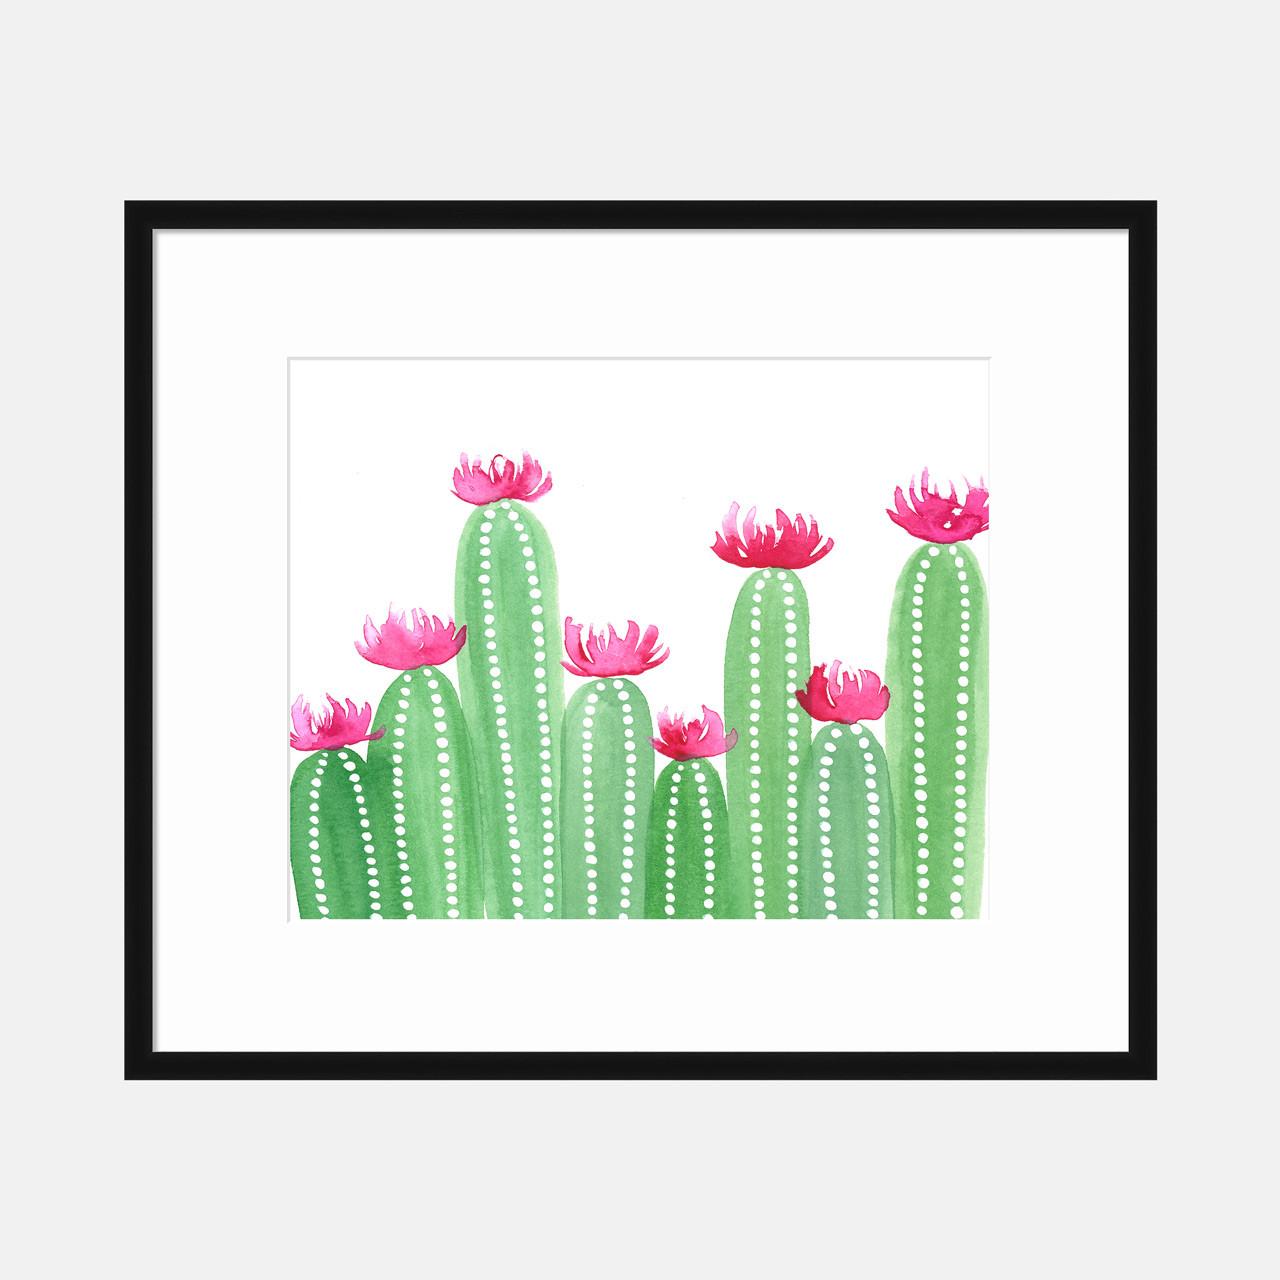 'Happy Cacti' Watercolor Art Print